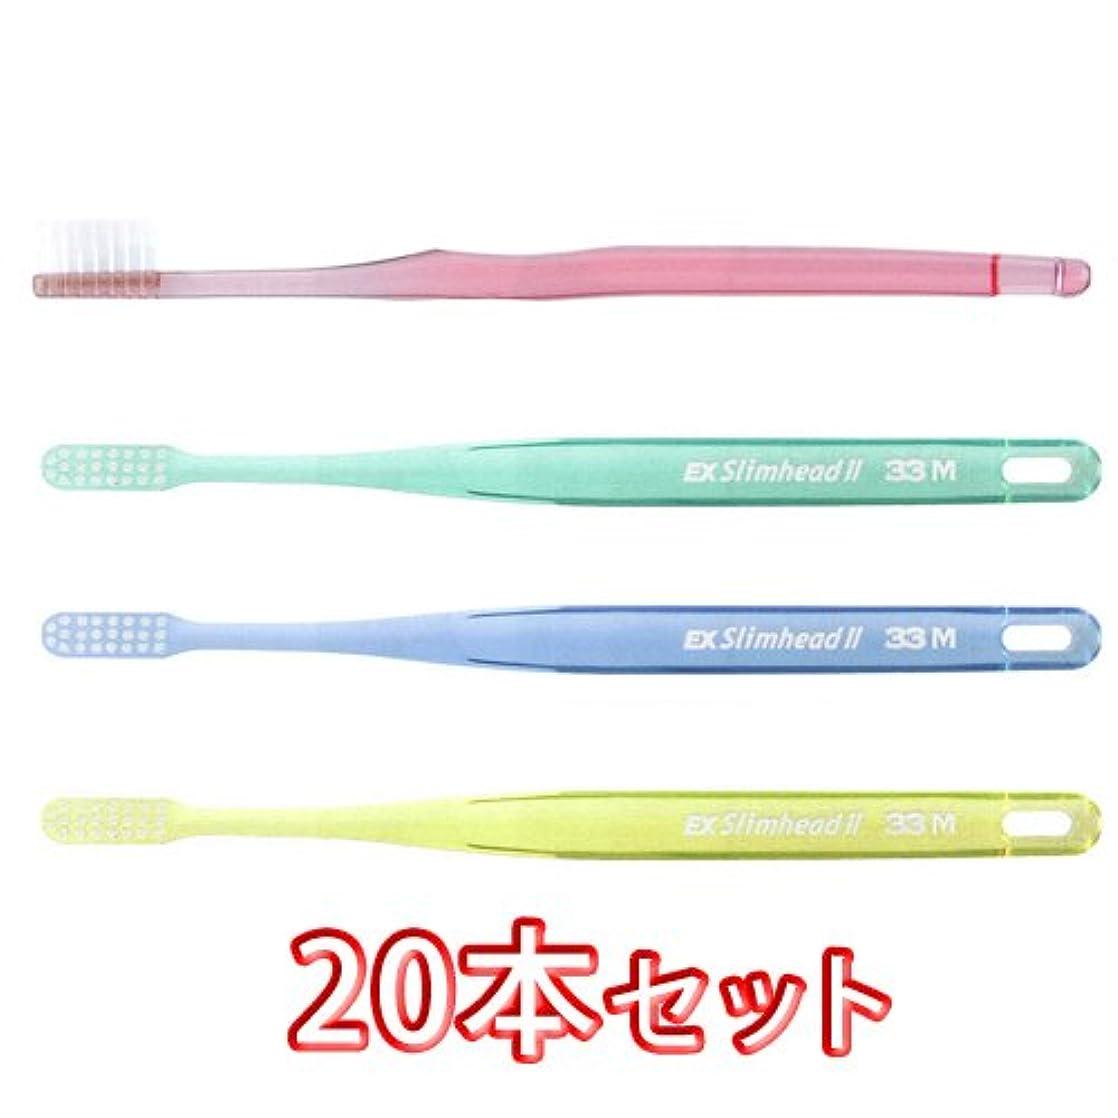 パリティマラウイ温室ライオン スリムヘッド2 歯ブラシ DENT . EX Slimhead2 20本入 (33M)